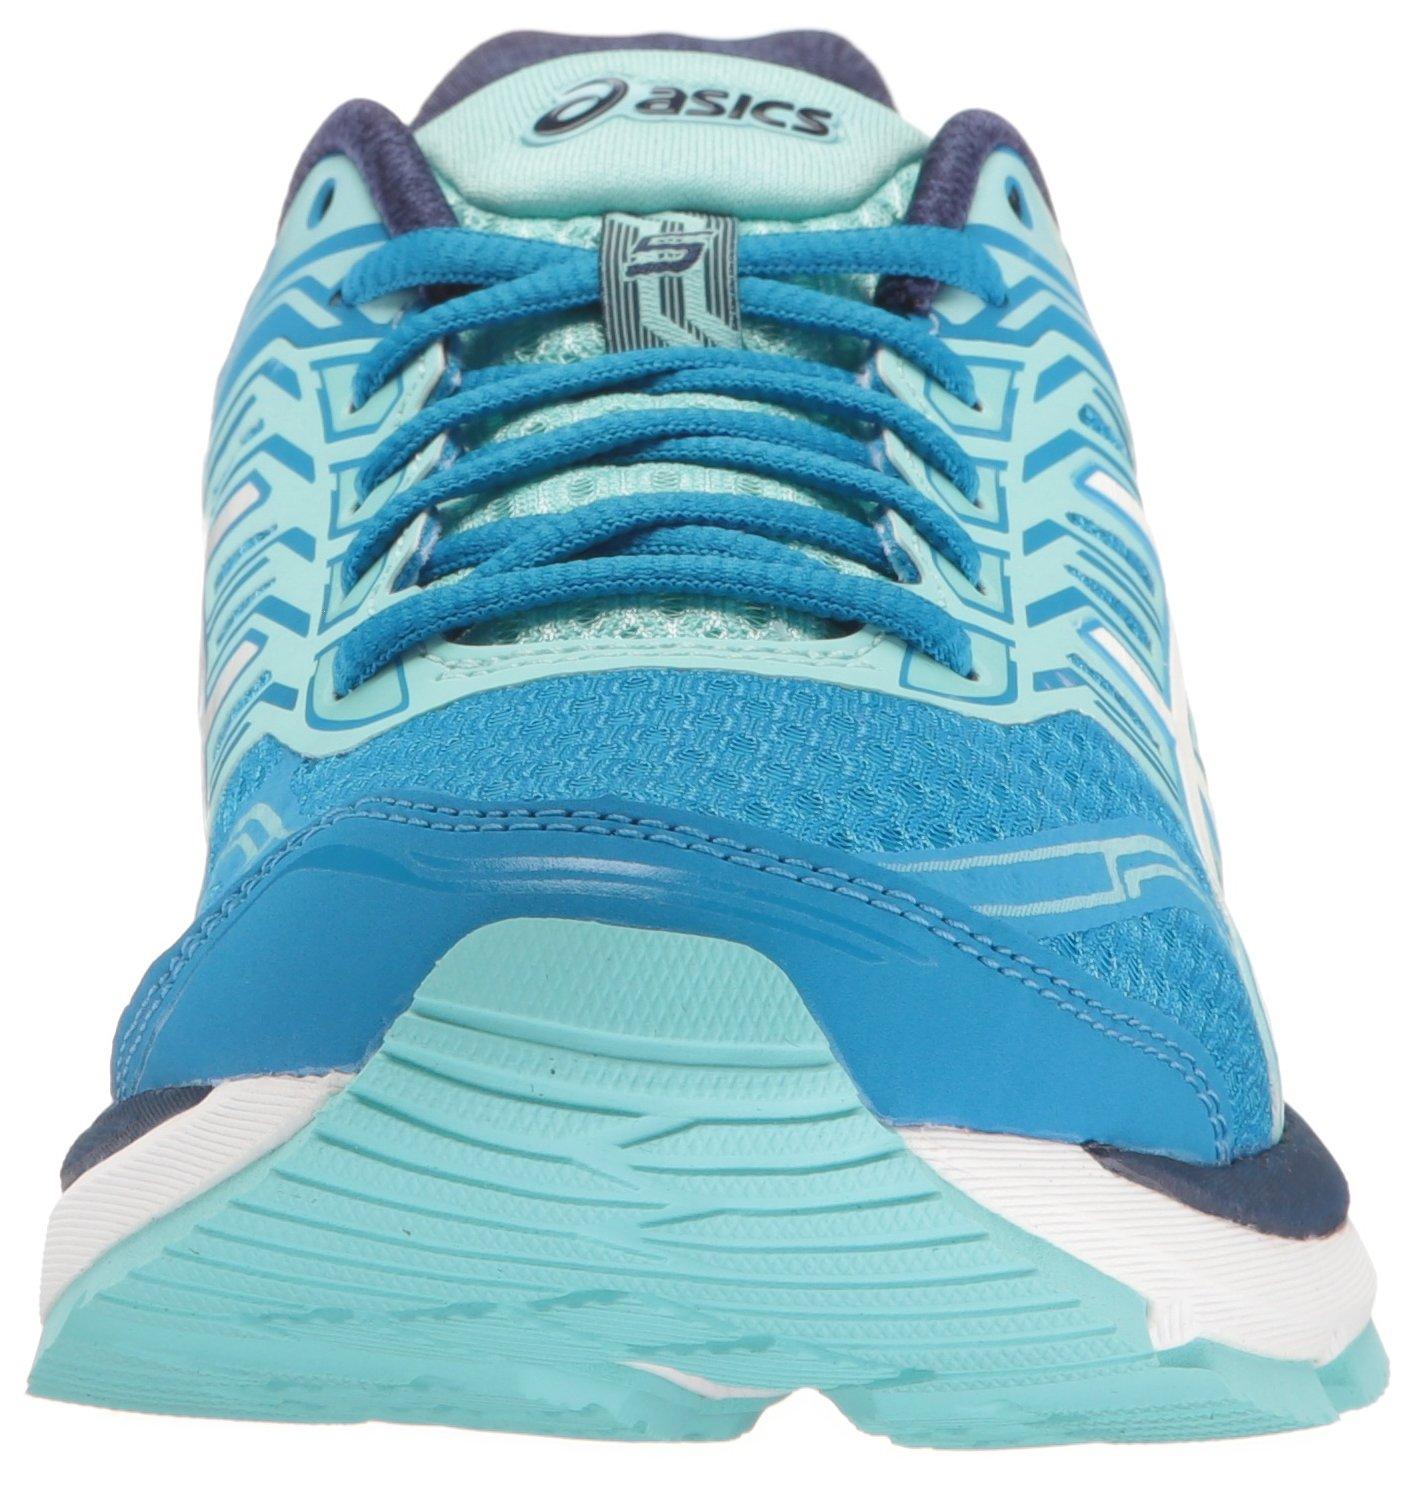 ASICS Women's Gt-2000 5 Running Shoe B01GU7A3Z8 5.5 B(M) US|Diva Blue/White/Aqua Splash